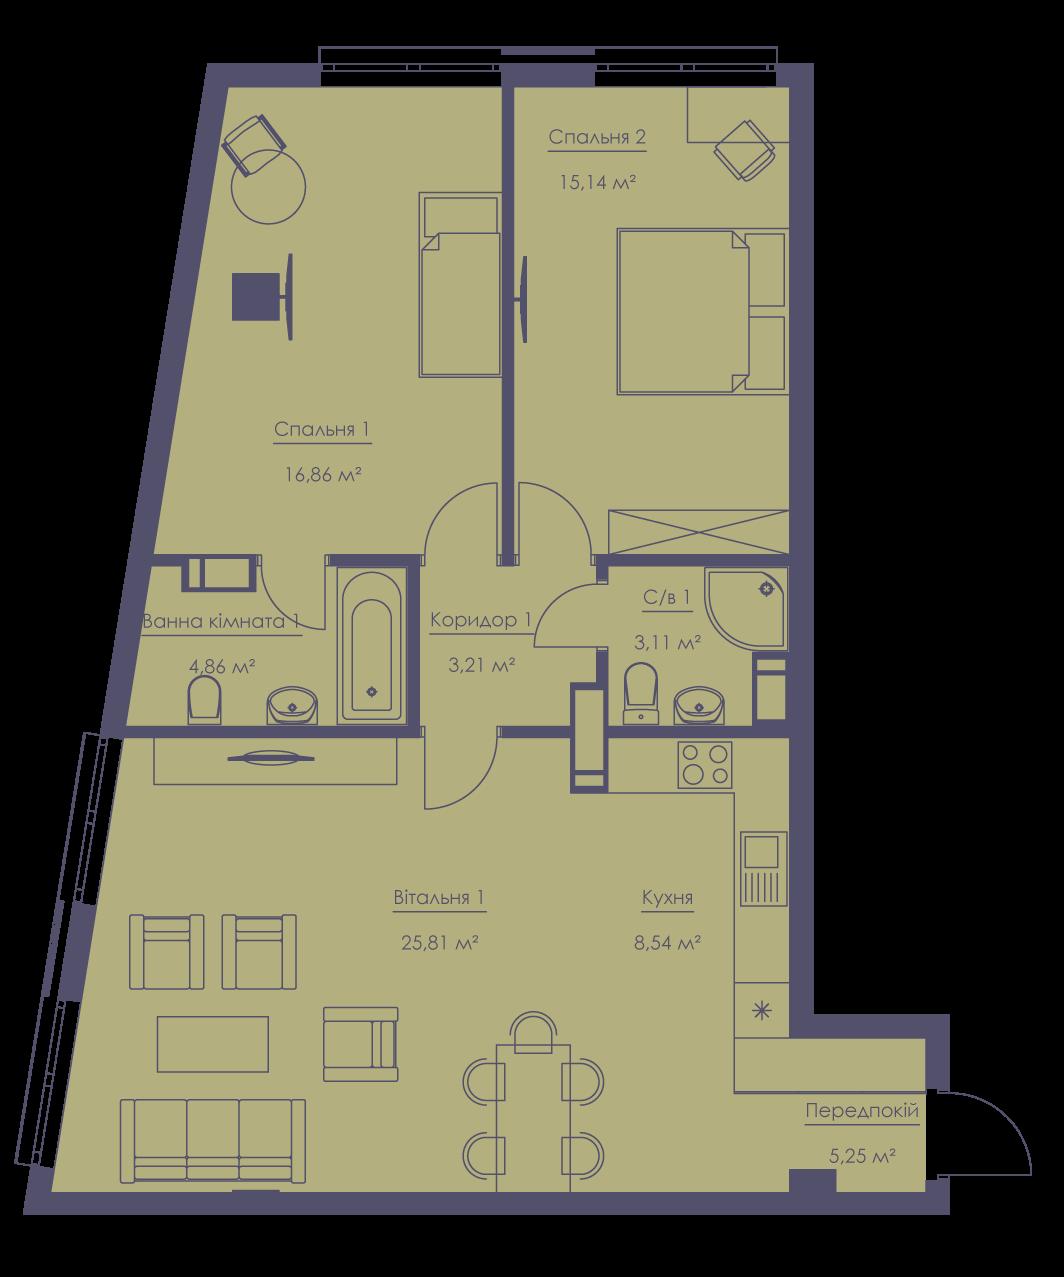 Apartment layout KV_107_3n_1_1_7-1